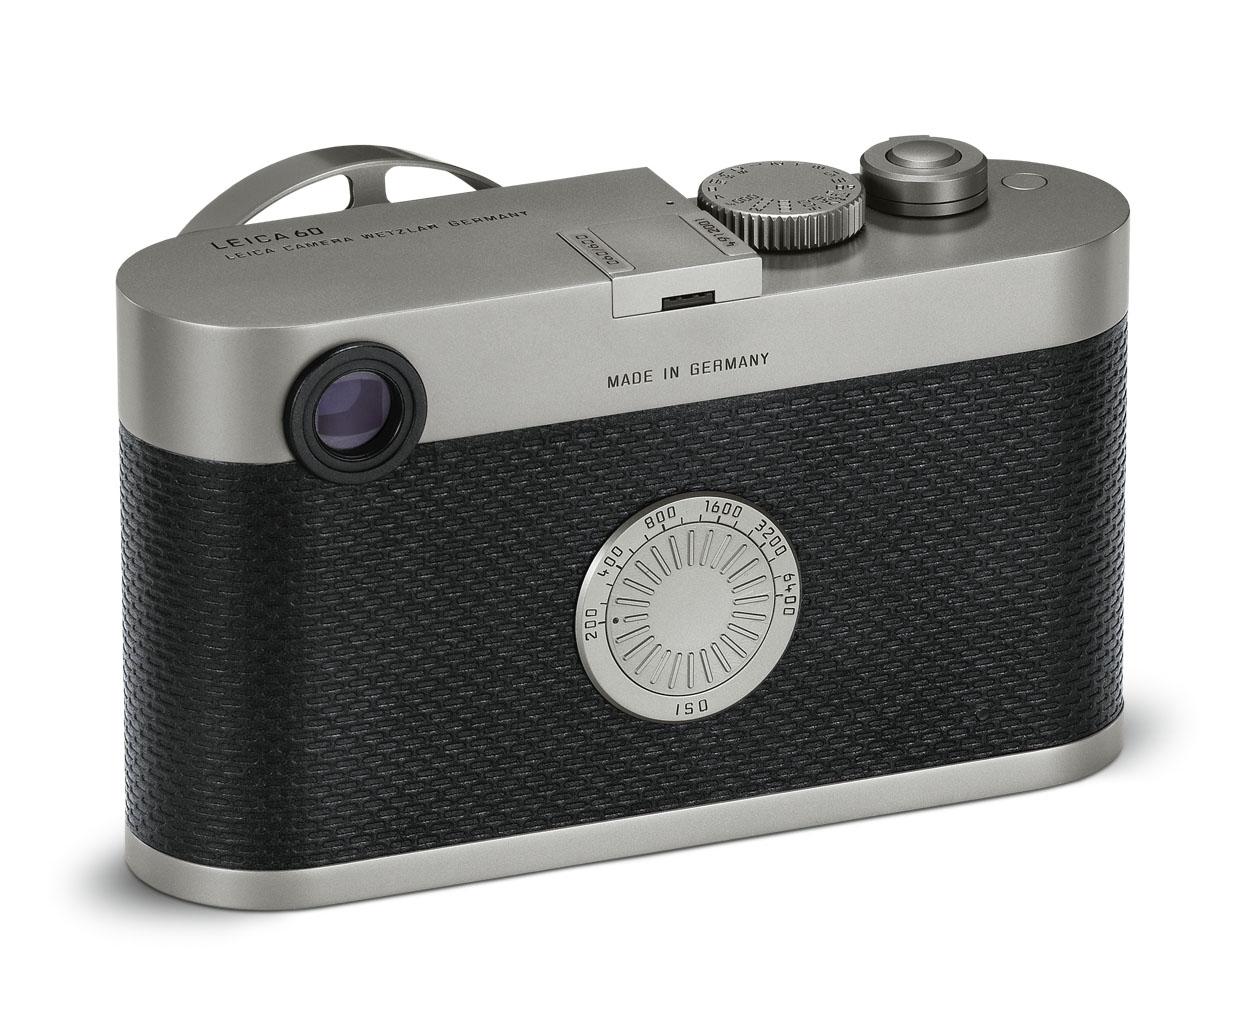 Leica Cl Entfernungsmesser Justieren : Eine völlig absurde kamera: leica m edition 60